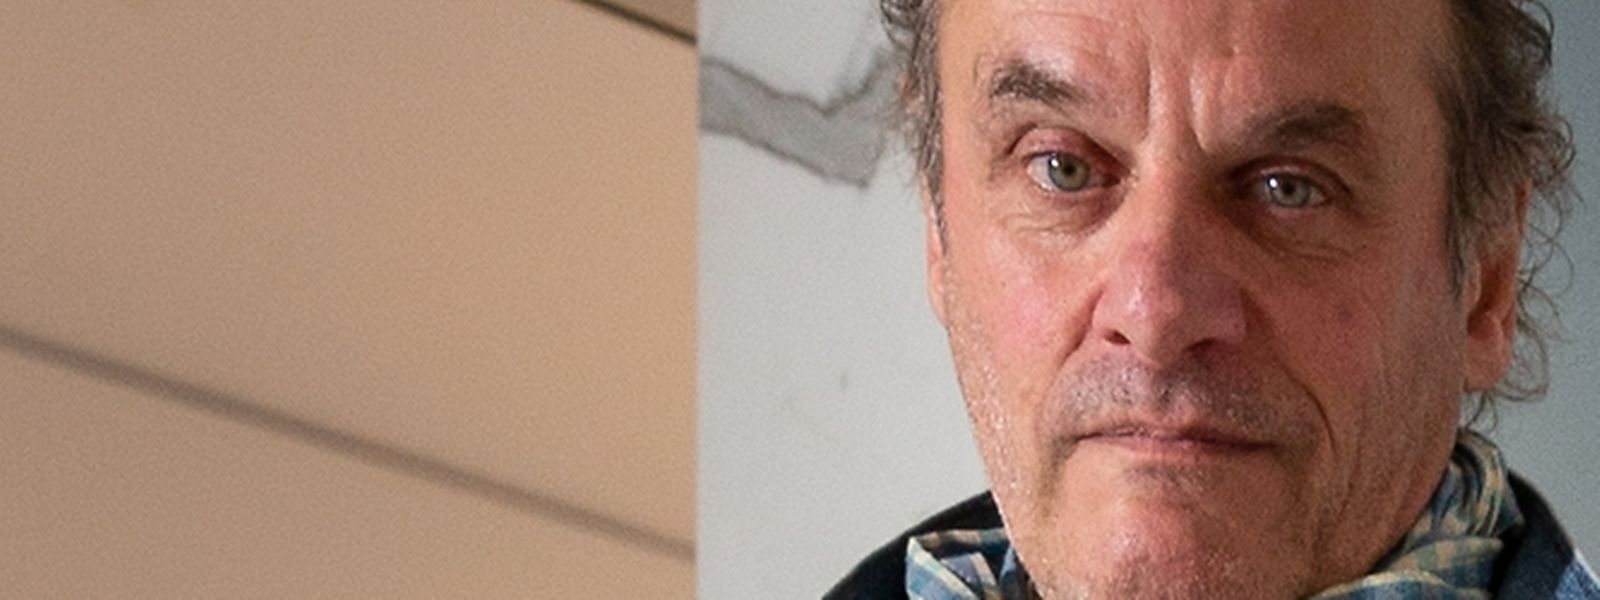 Roland Schauls stellt derzeit in der Galerie Clairefontaine aus.